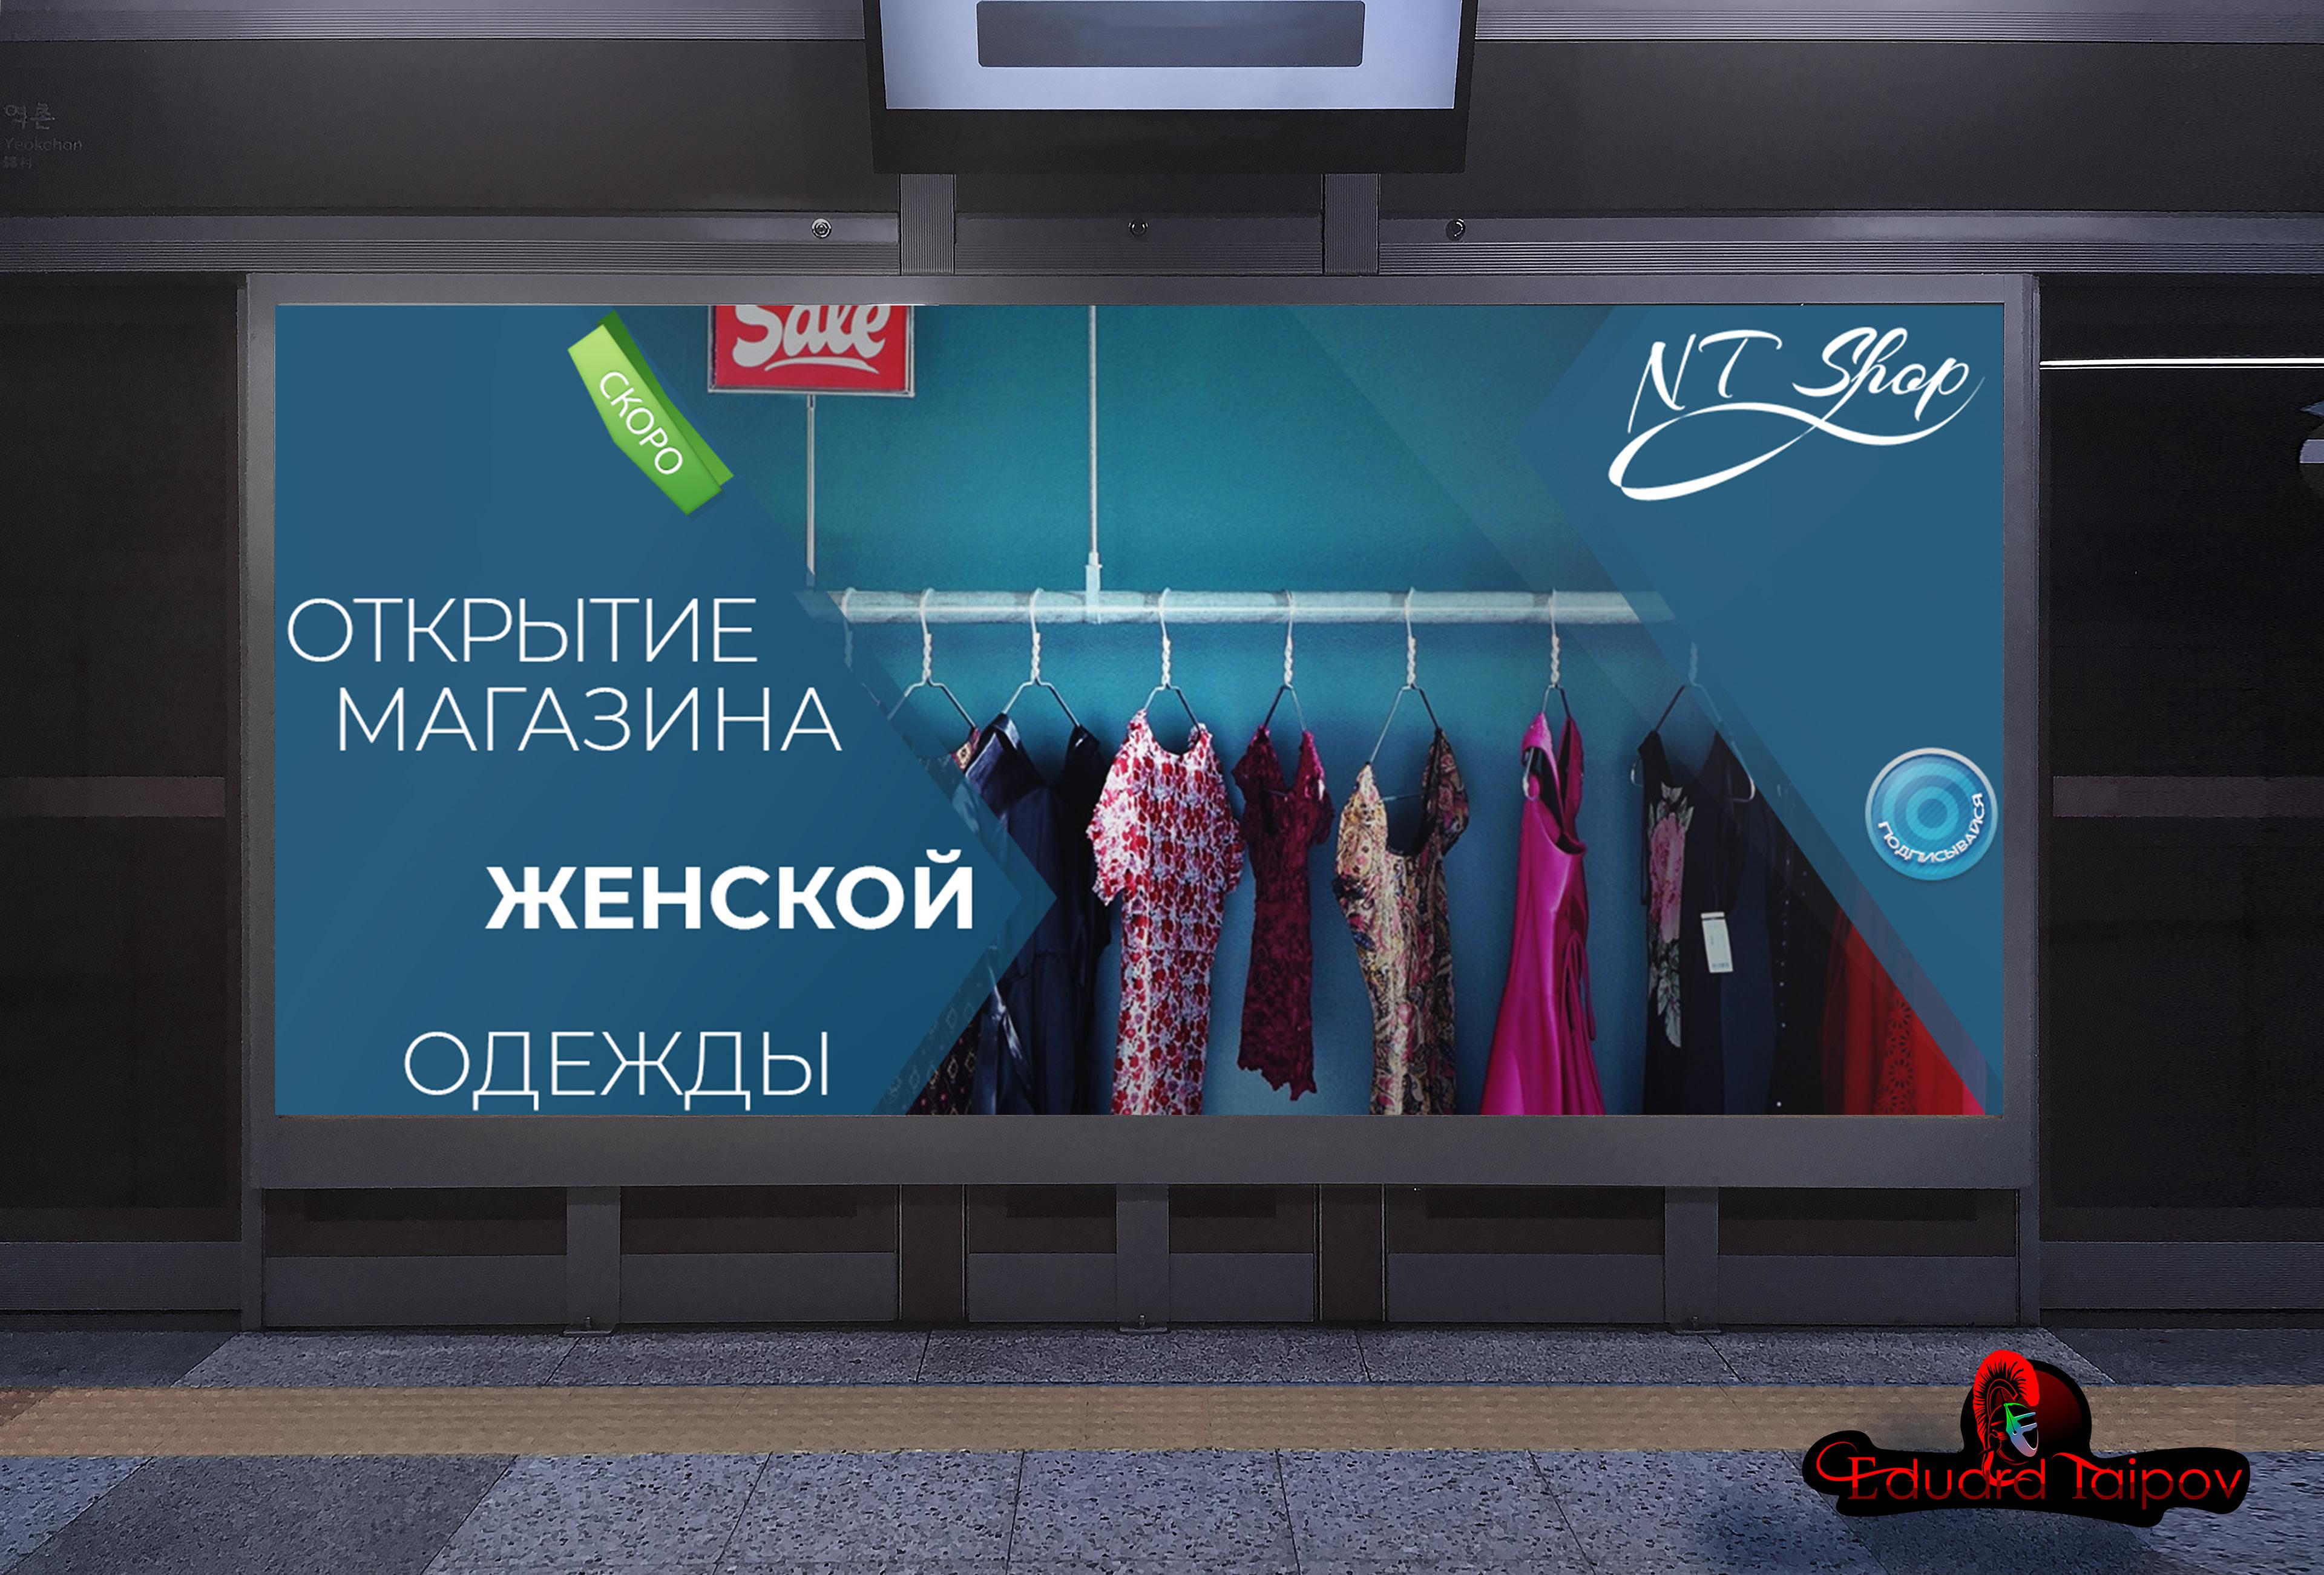 выставила свои внешний дизайн реклама магазина одежды фото показать